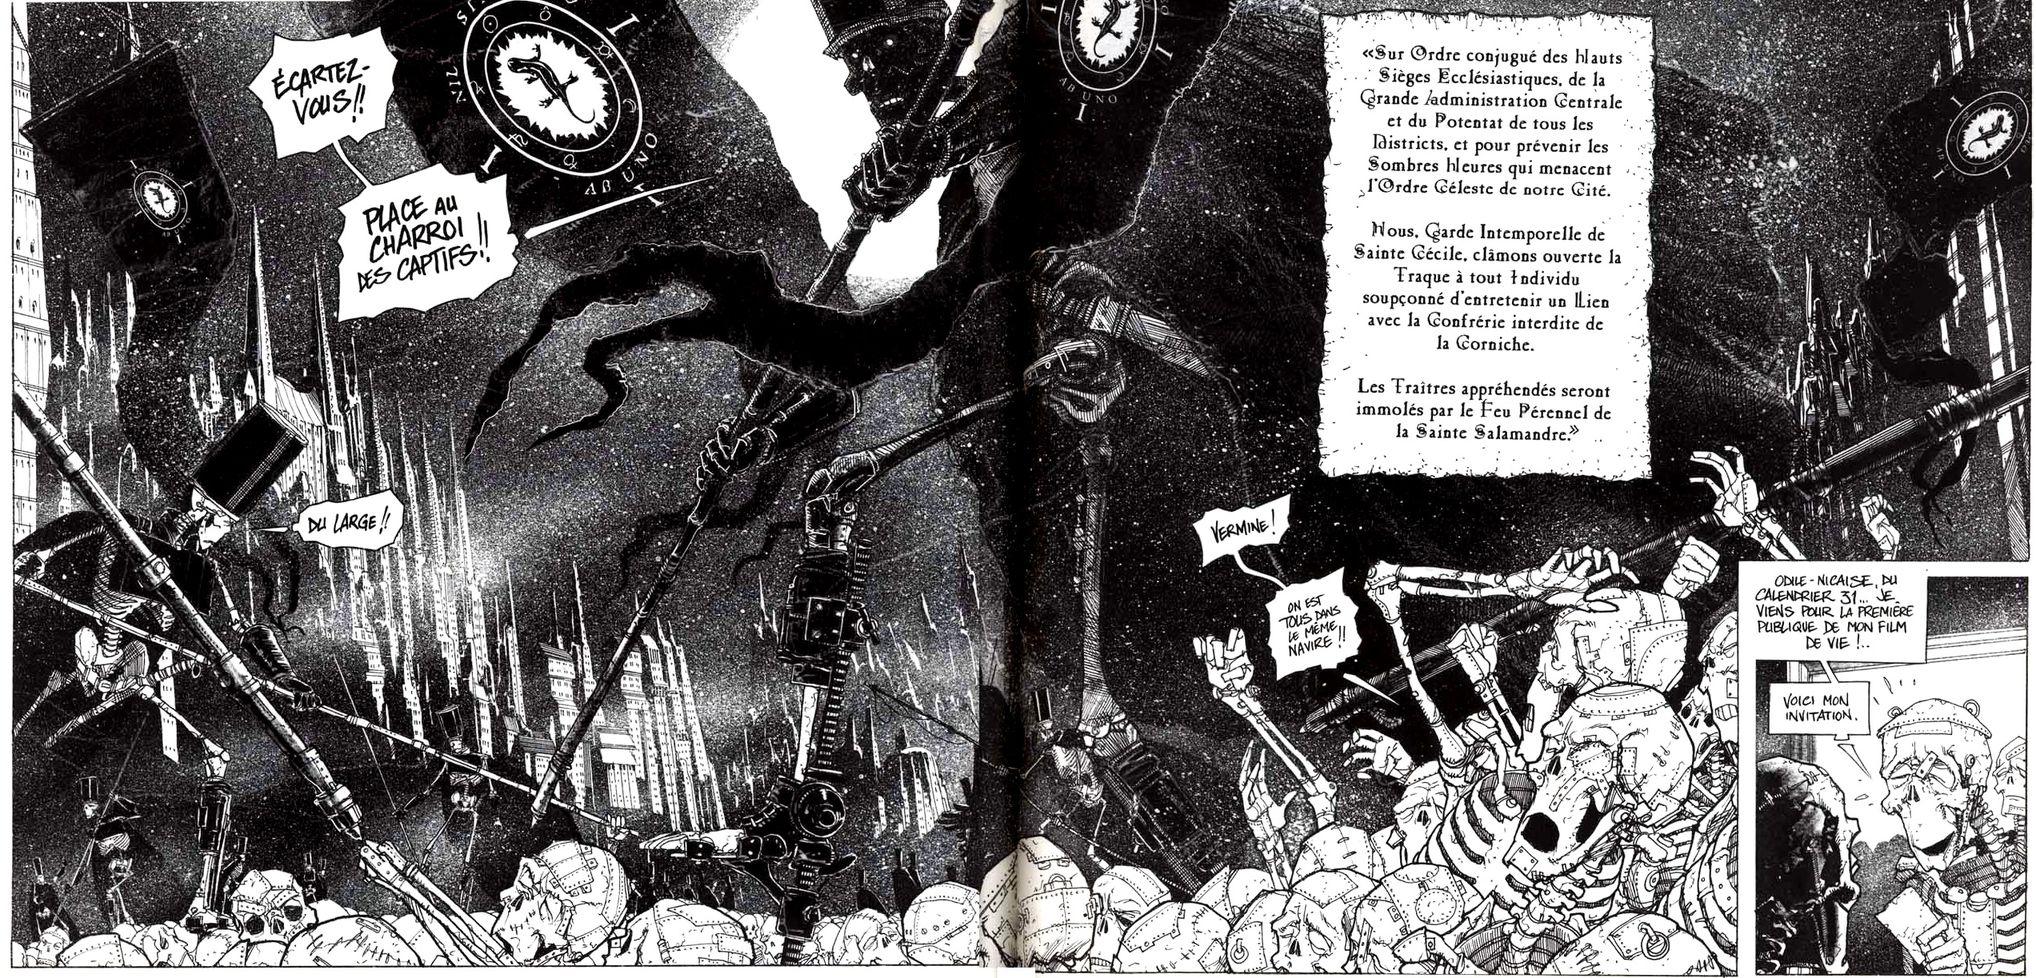 """Résultat de recherche d'images pour """"monsieur mardi-gras pays des larmes liberge"""""""